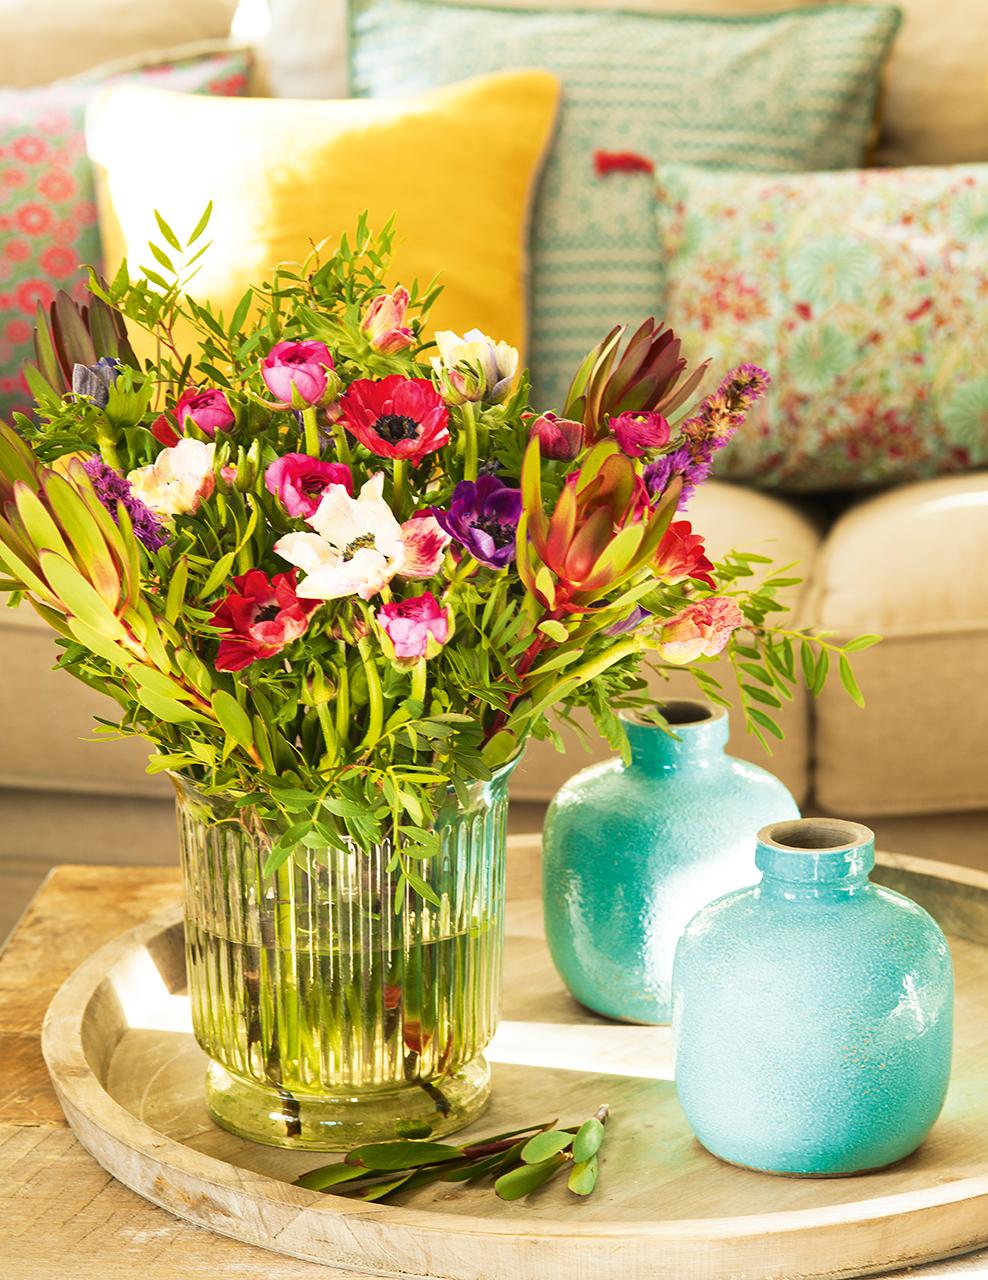 Bandeja de madera con jarrones azules y jarrón de cristal con flores de colores. échale flores... Â¡silvestres!  鲜花花艺